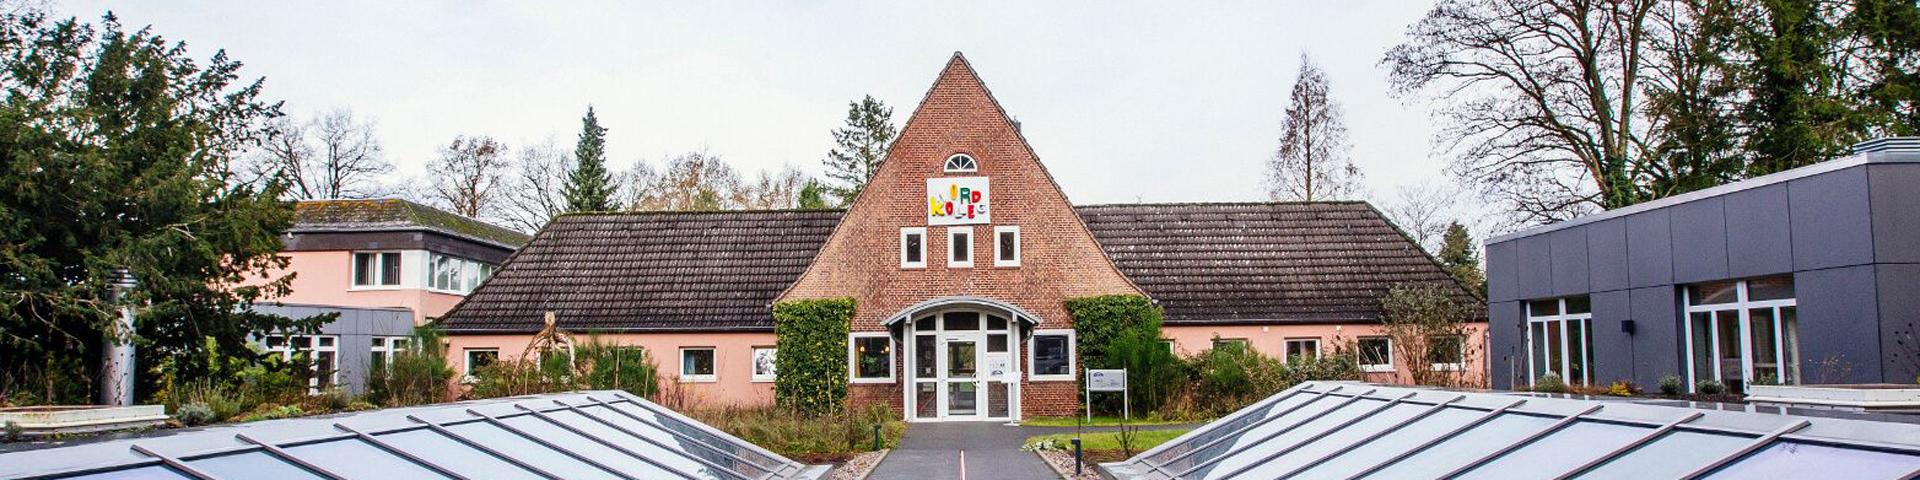 Reha-Zentrum für Hörgeschädigte in Rendsburg